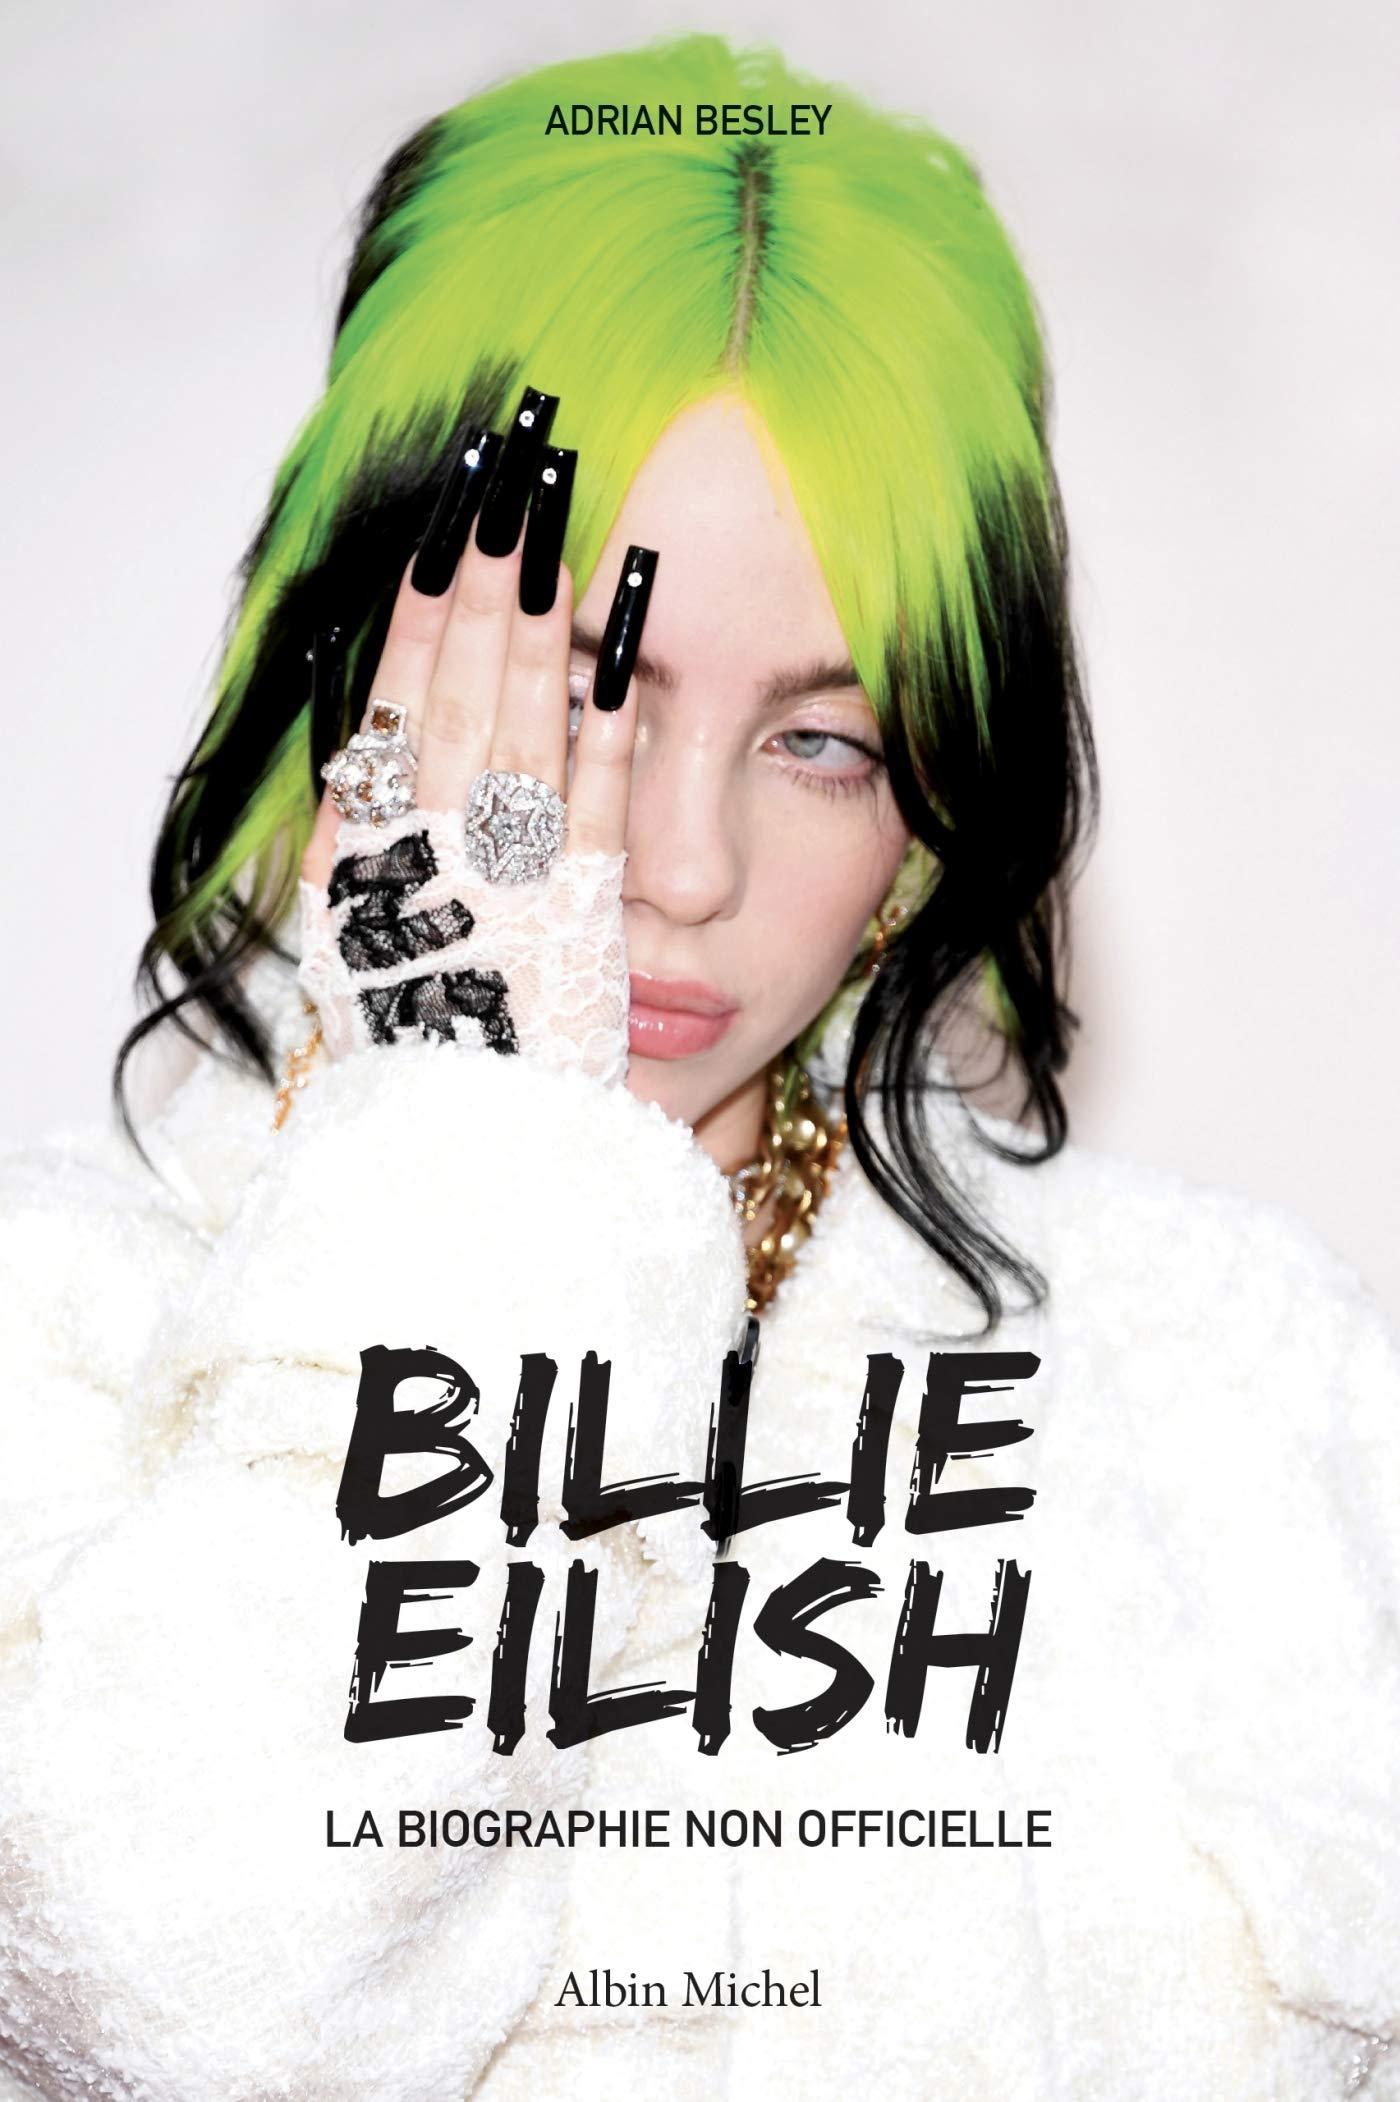 Billie Eilish La Biographie Non Officielle A M Biog Mem French Edition Besley Adrian Crettenand Lauriane Huet Felix 9782226453358 Amazon Com Books